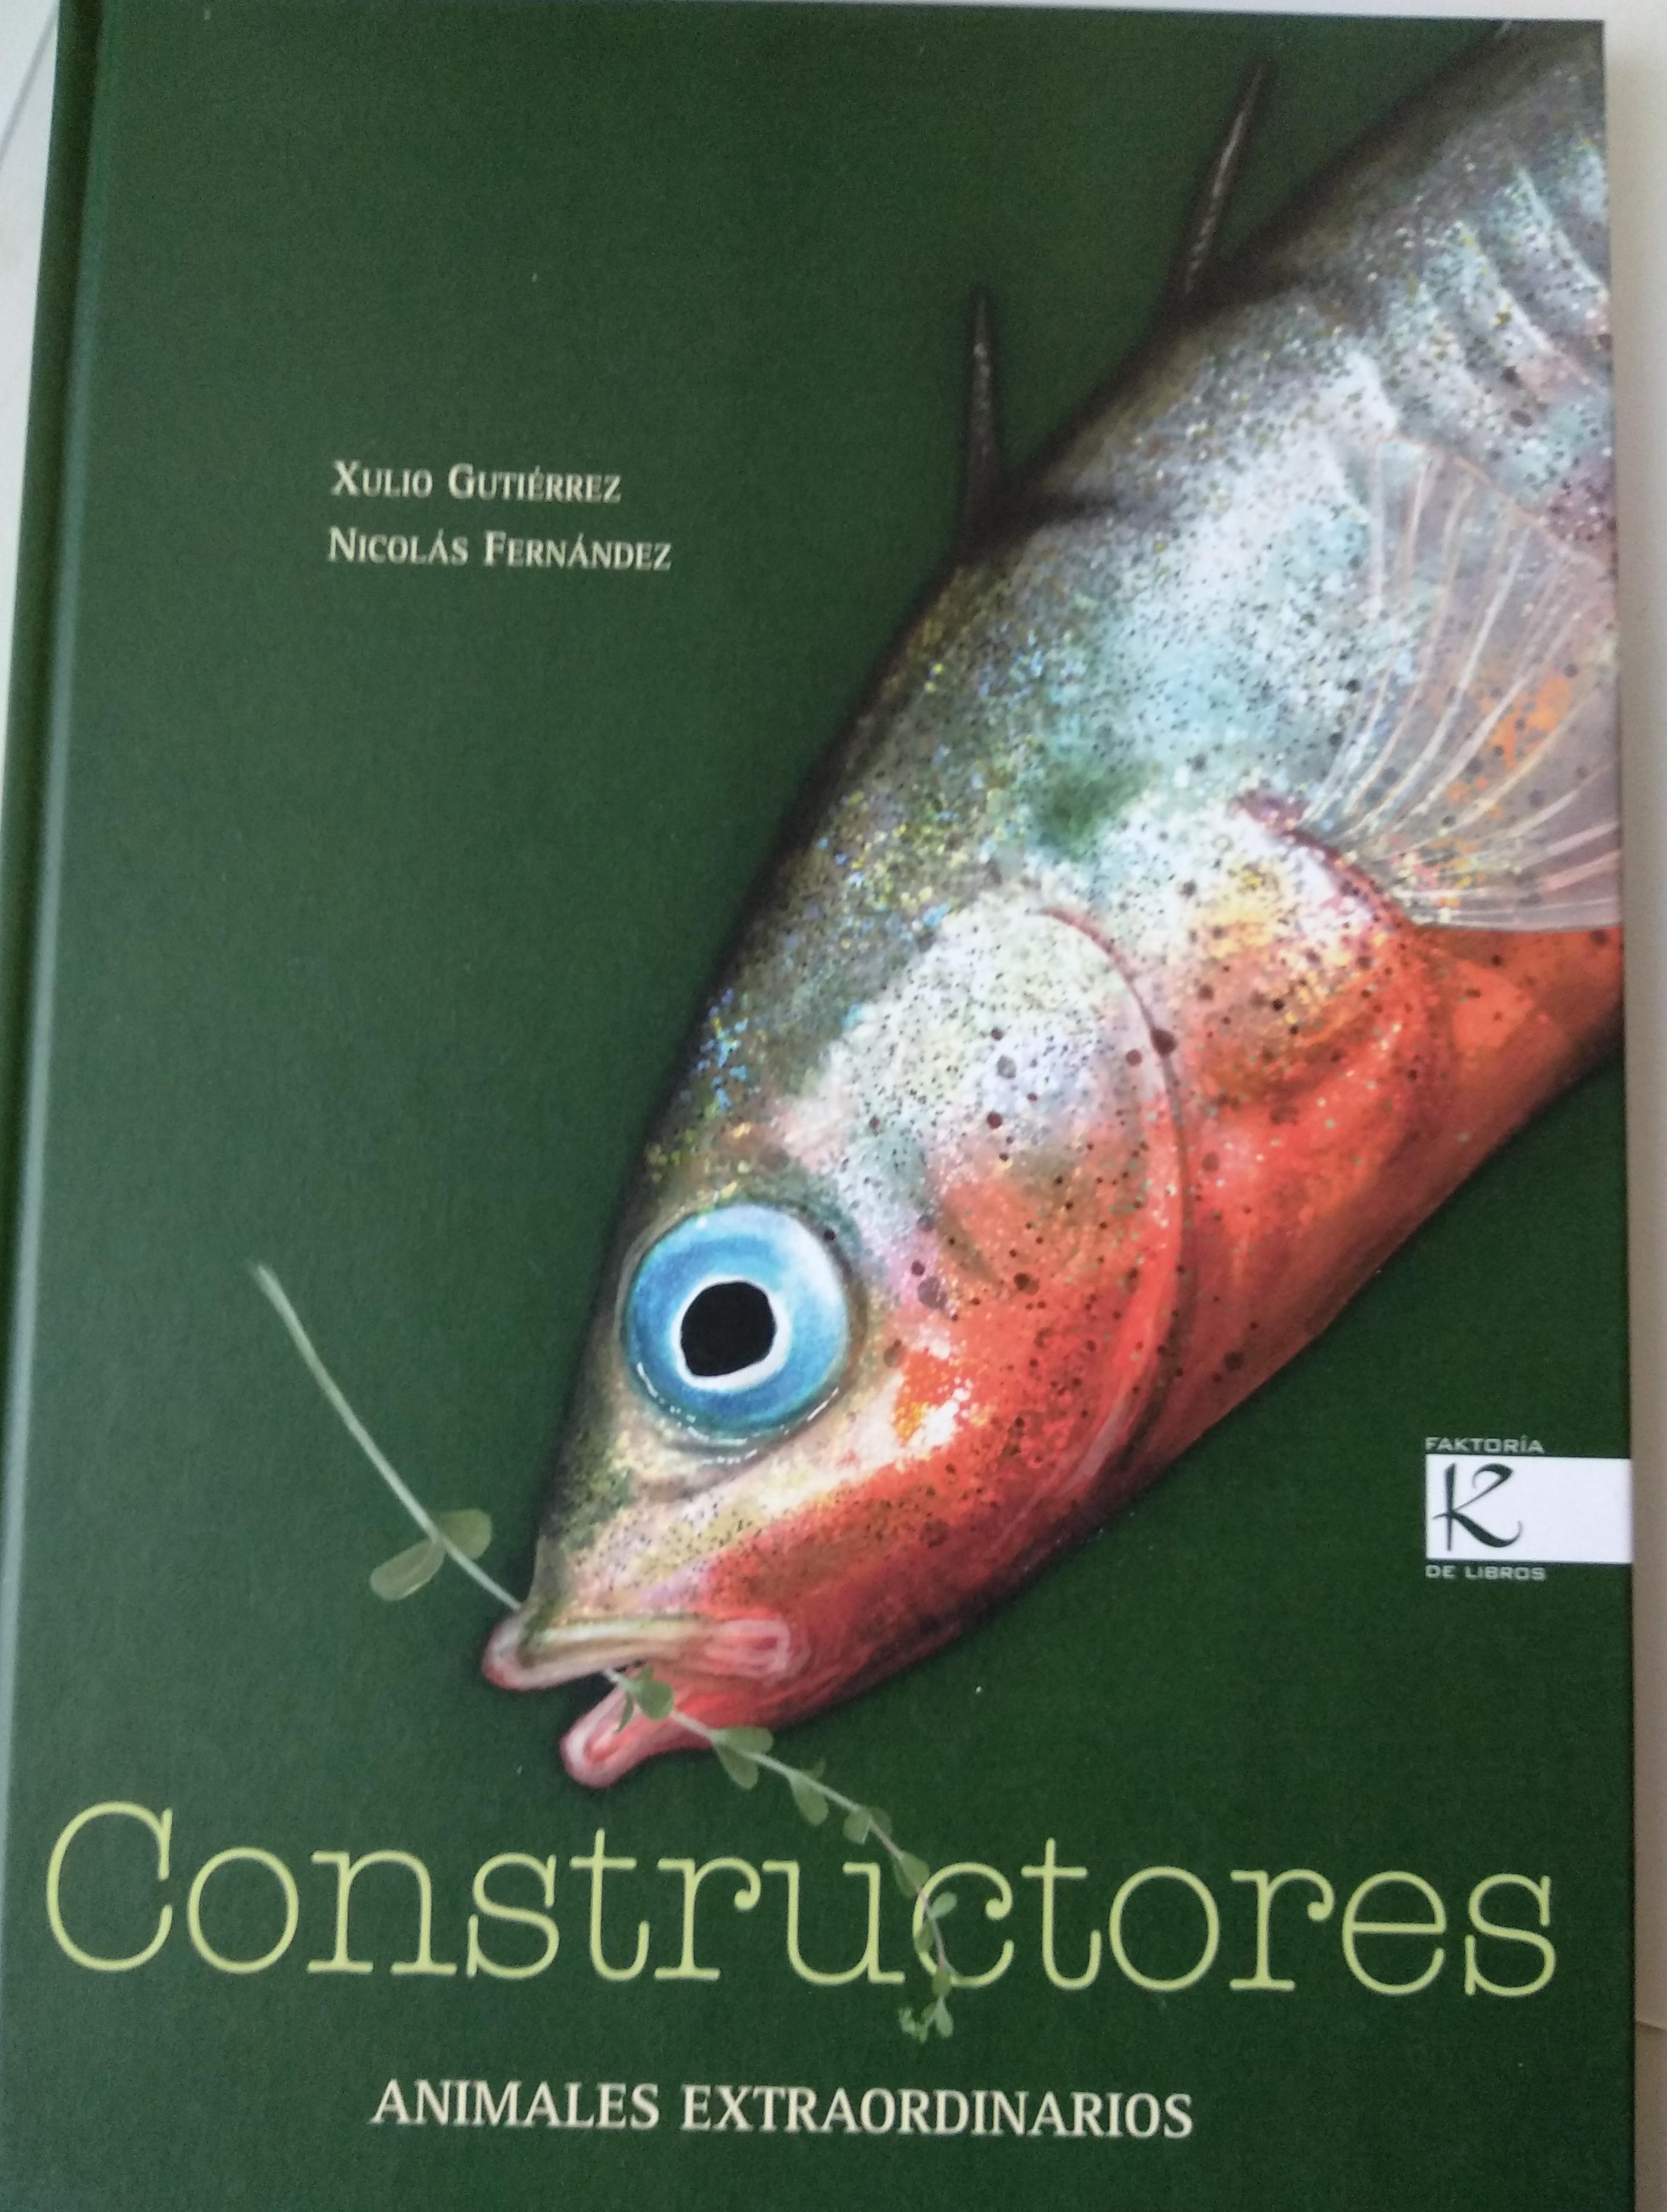 portada del libro Constructores de la editorial Kalandraka